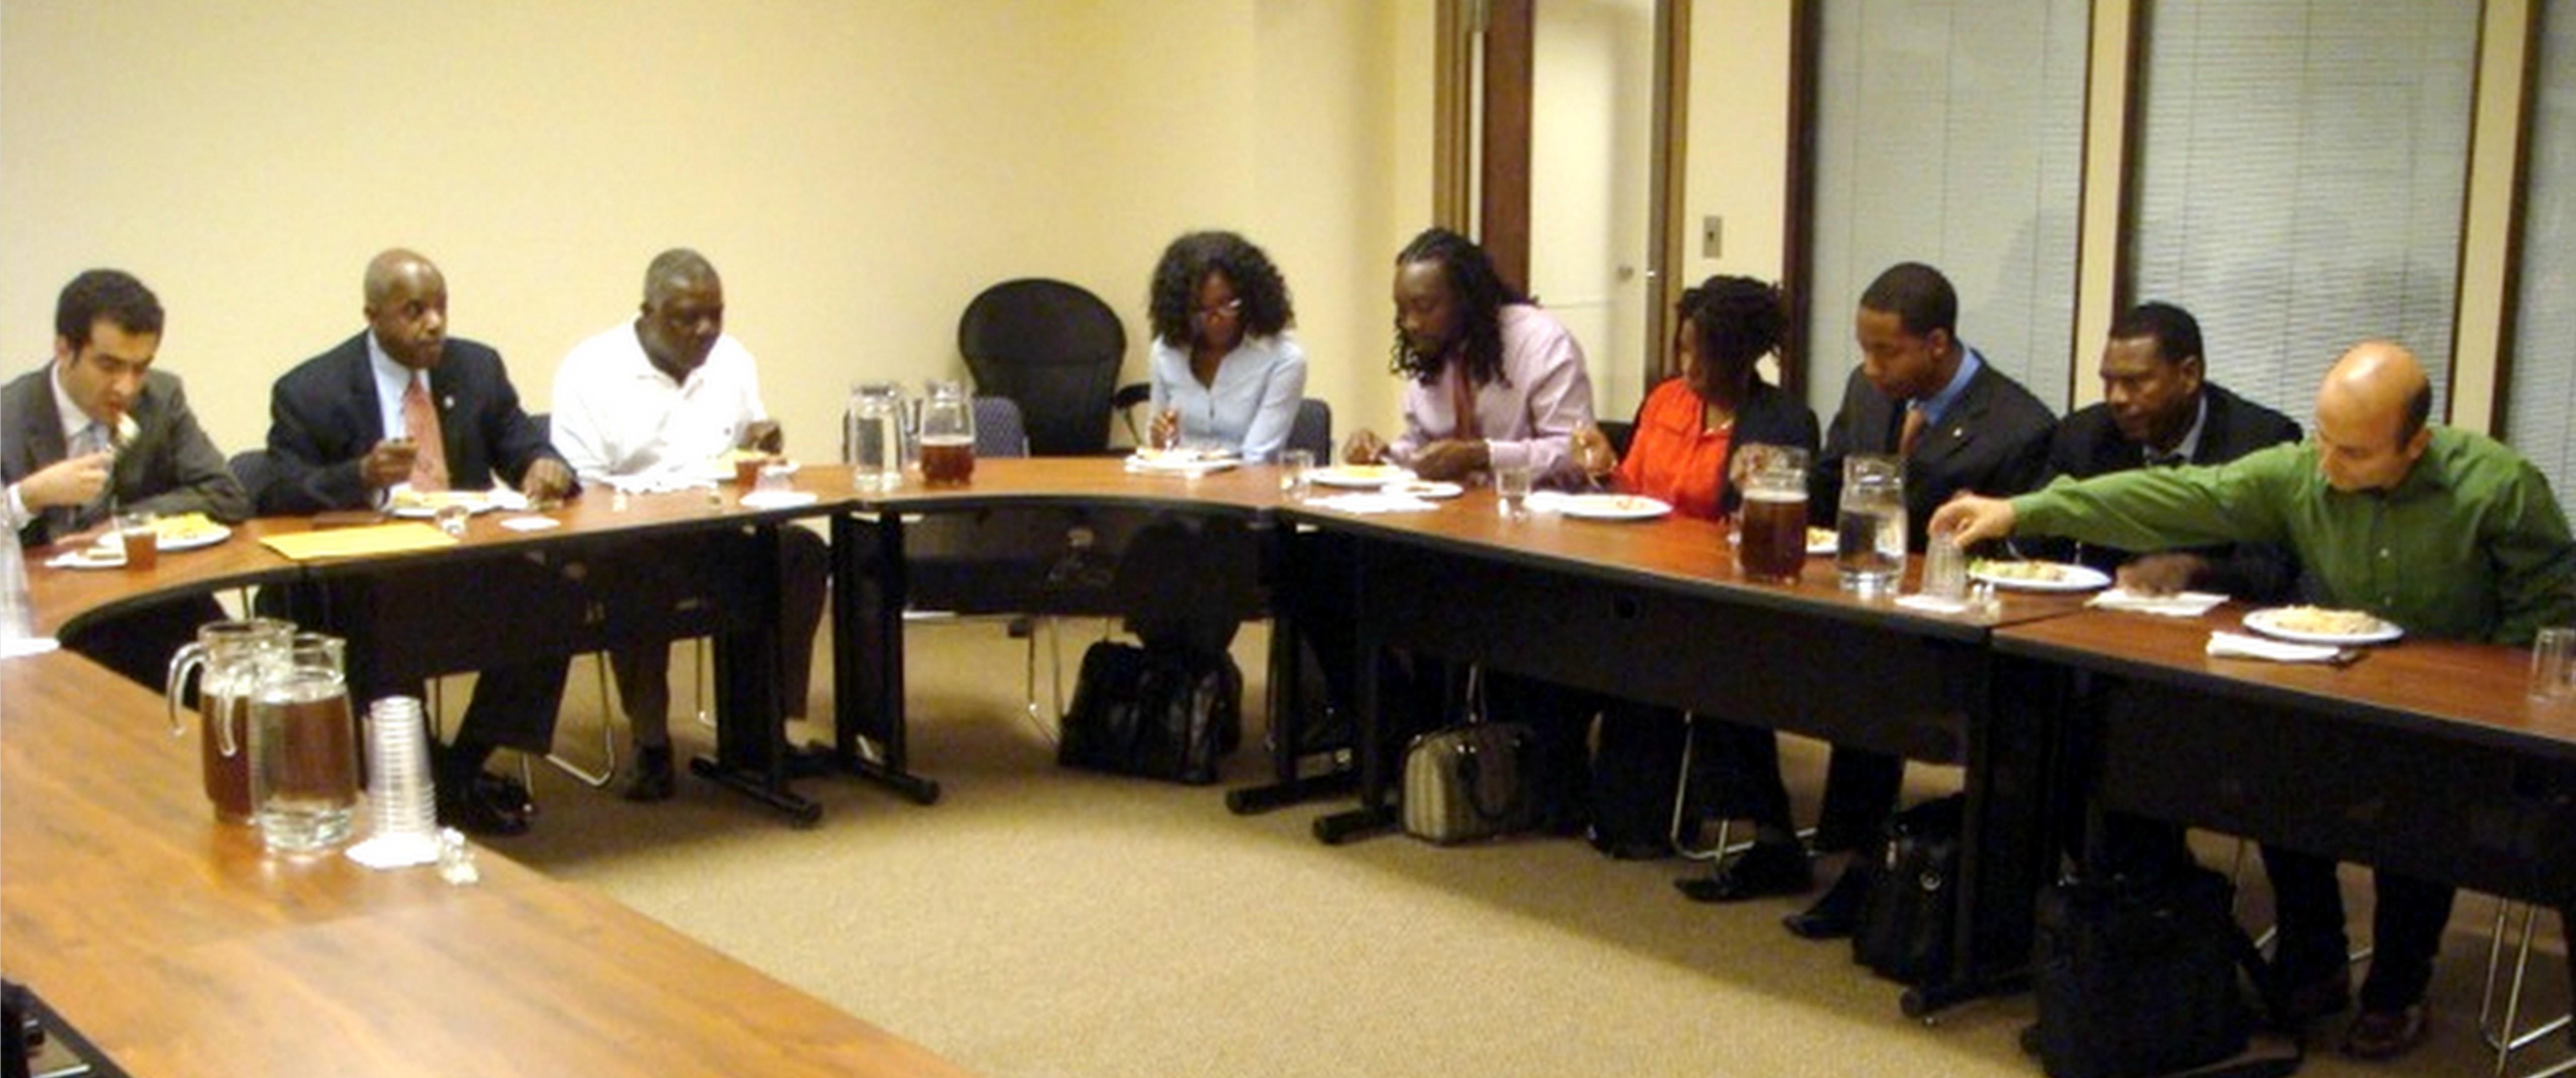 Howard University Scholars Dinner